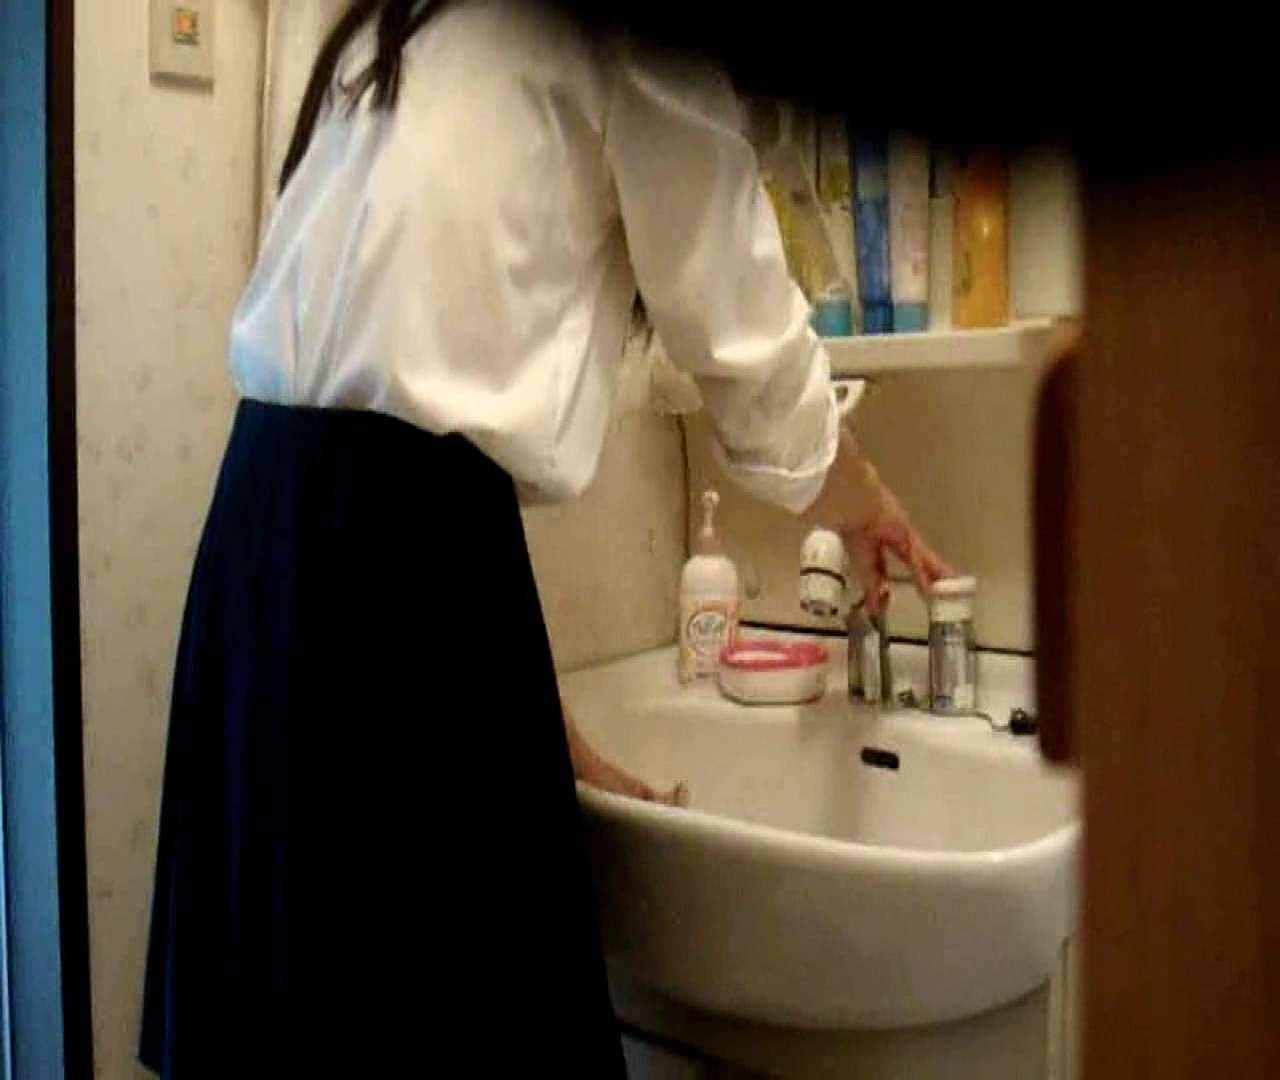 二人とも育てた甲斐がありました… vol.05 まどかが洗顔後にブラを洗濯 盗撮シリーズ  79PIX 10